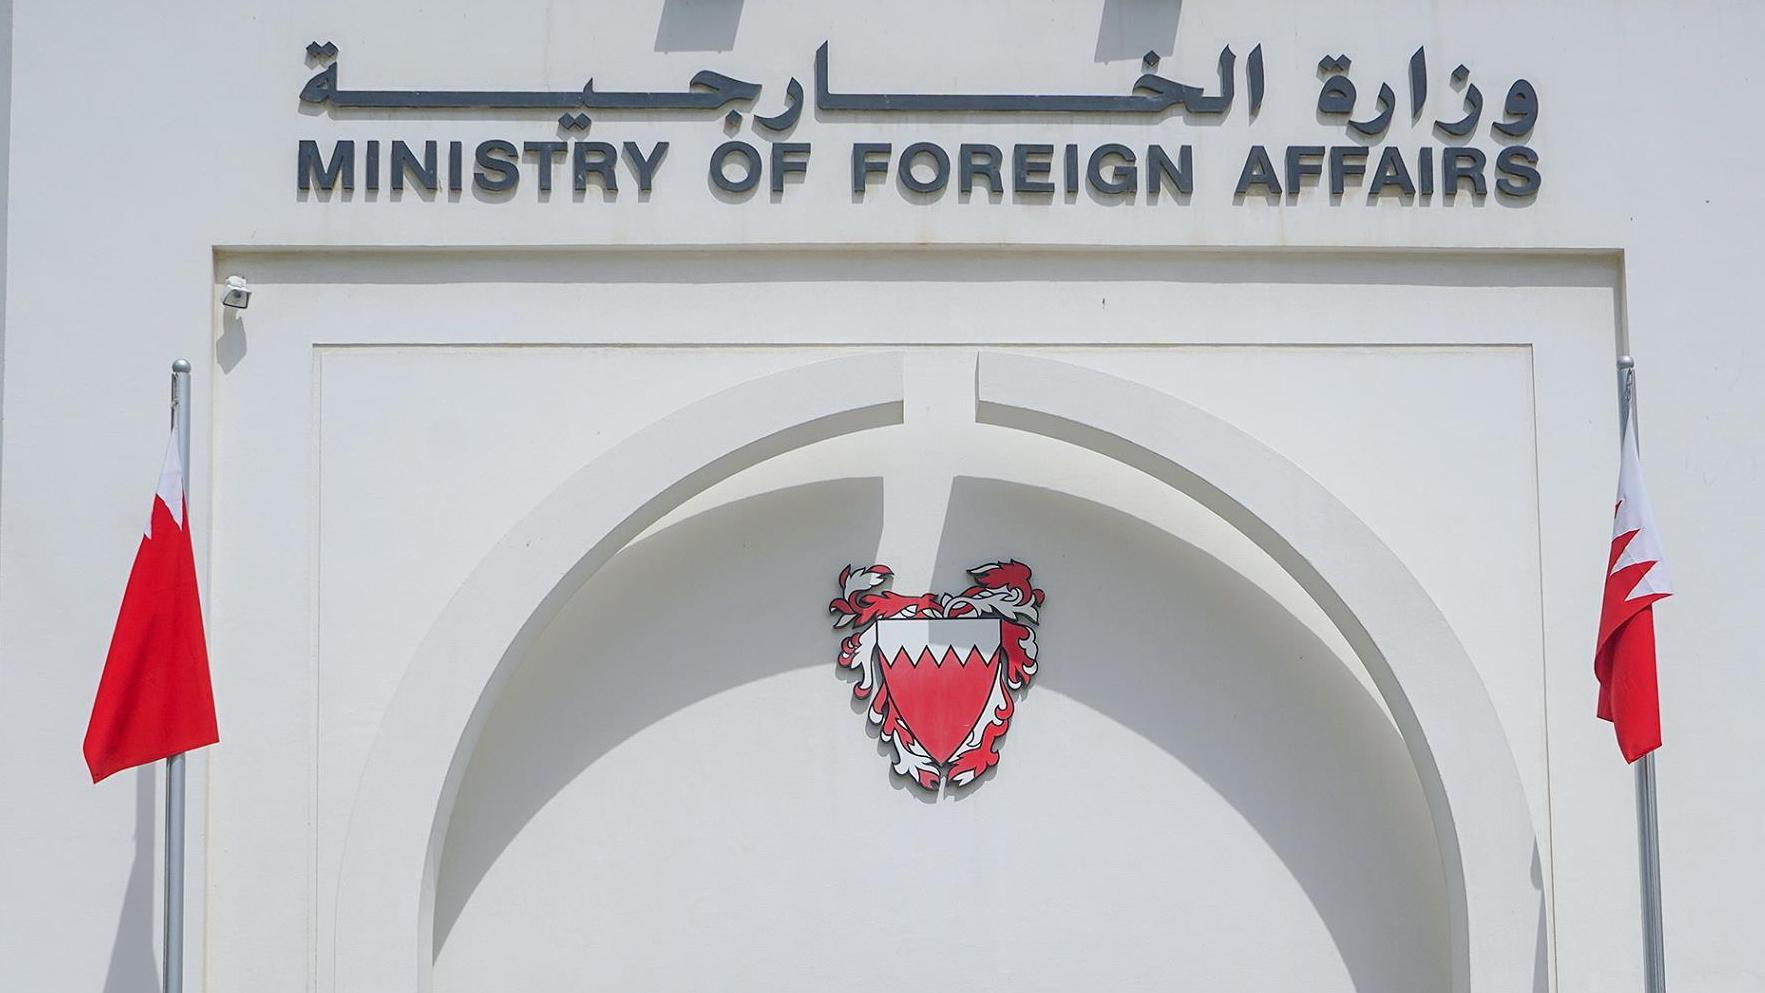 巴林外交部:阿联酋成功阻止以色列吞并巴勒斯坦领土